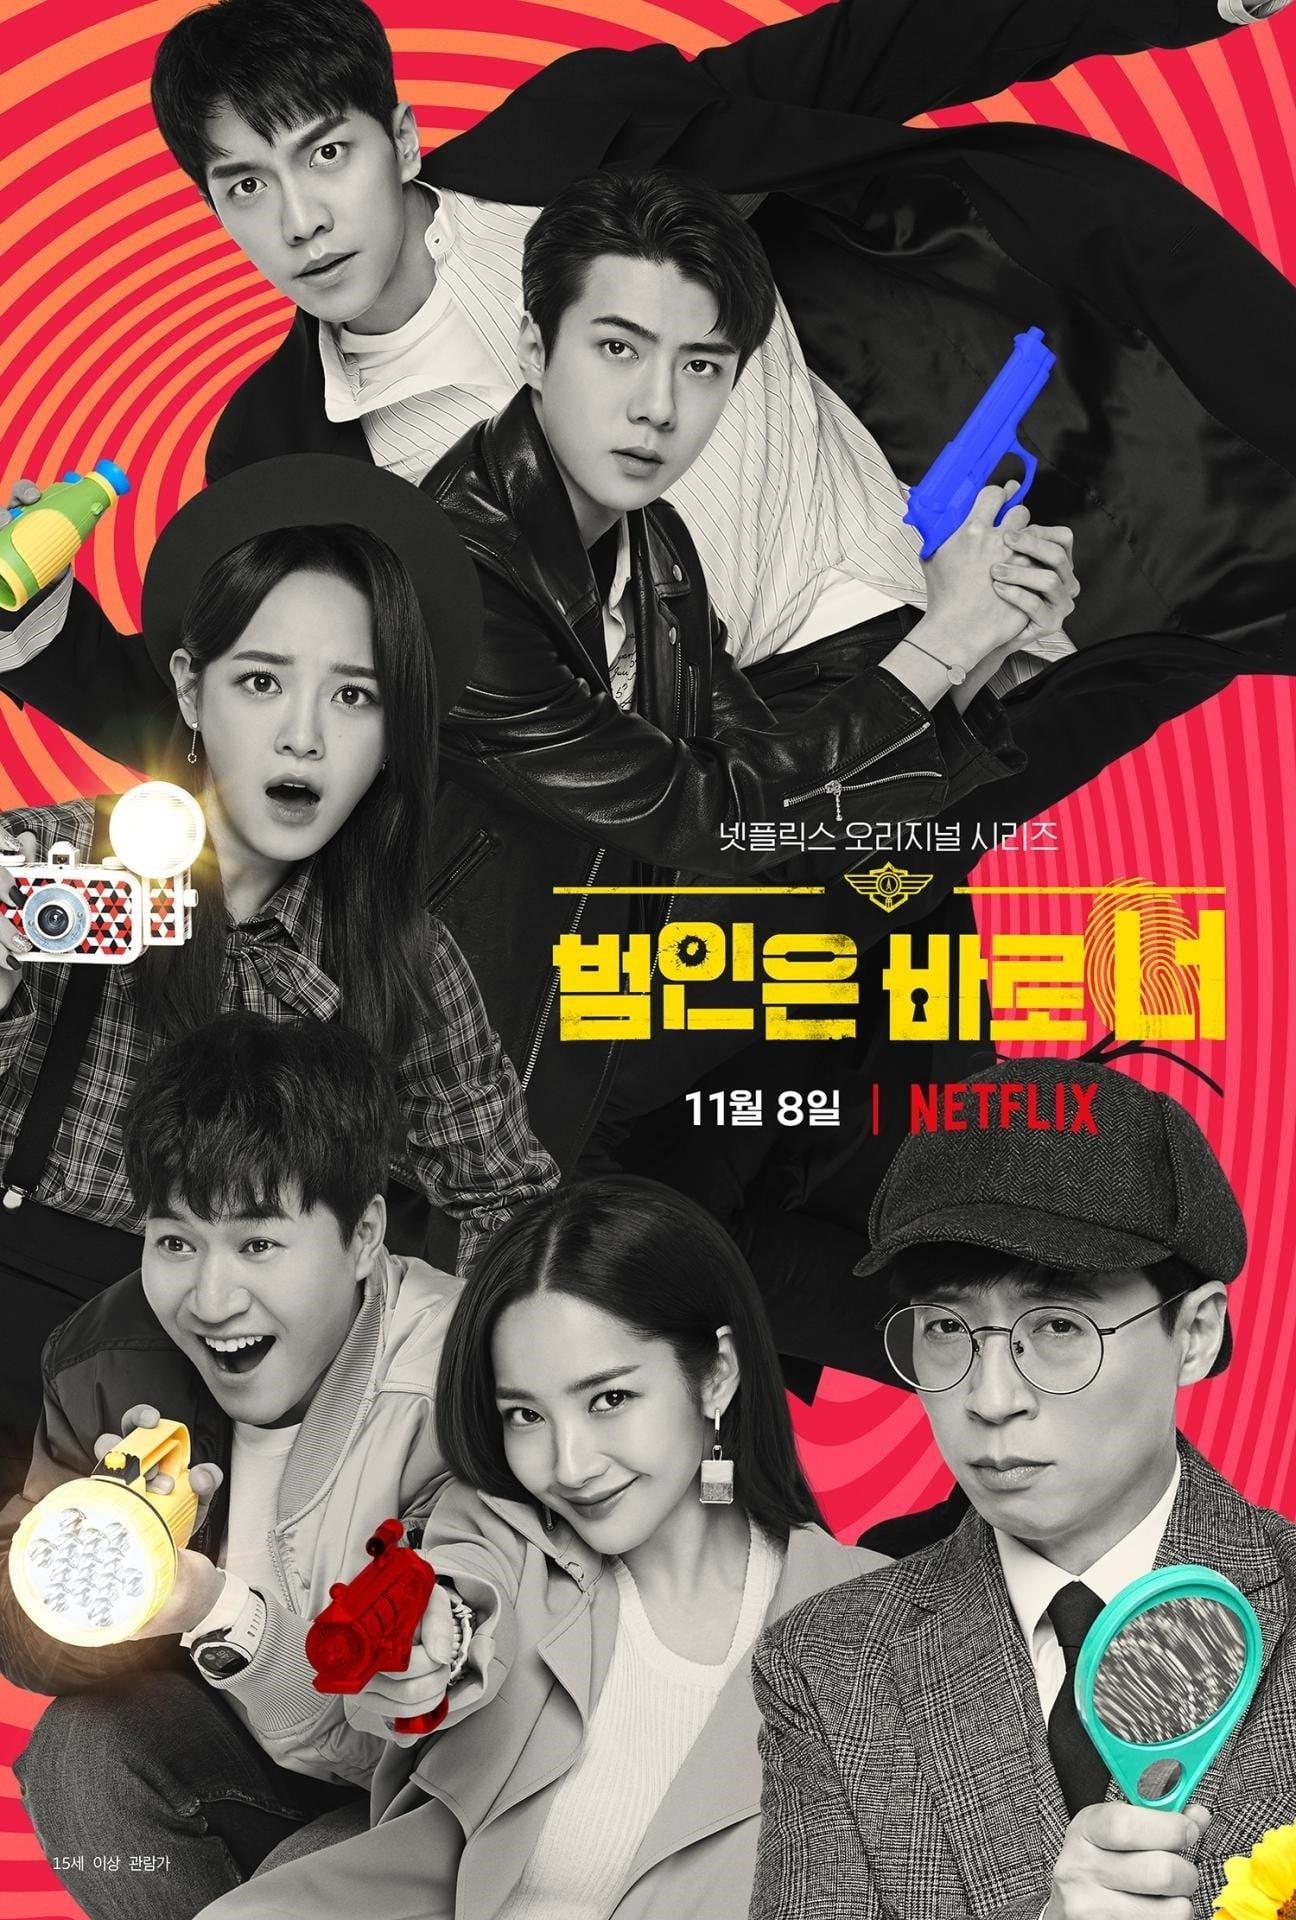 Busted (Mùa 3) - Vietsub Thuyết Minh